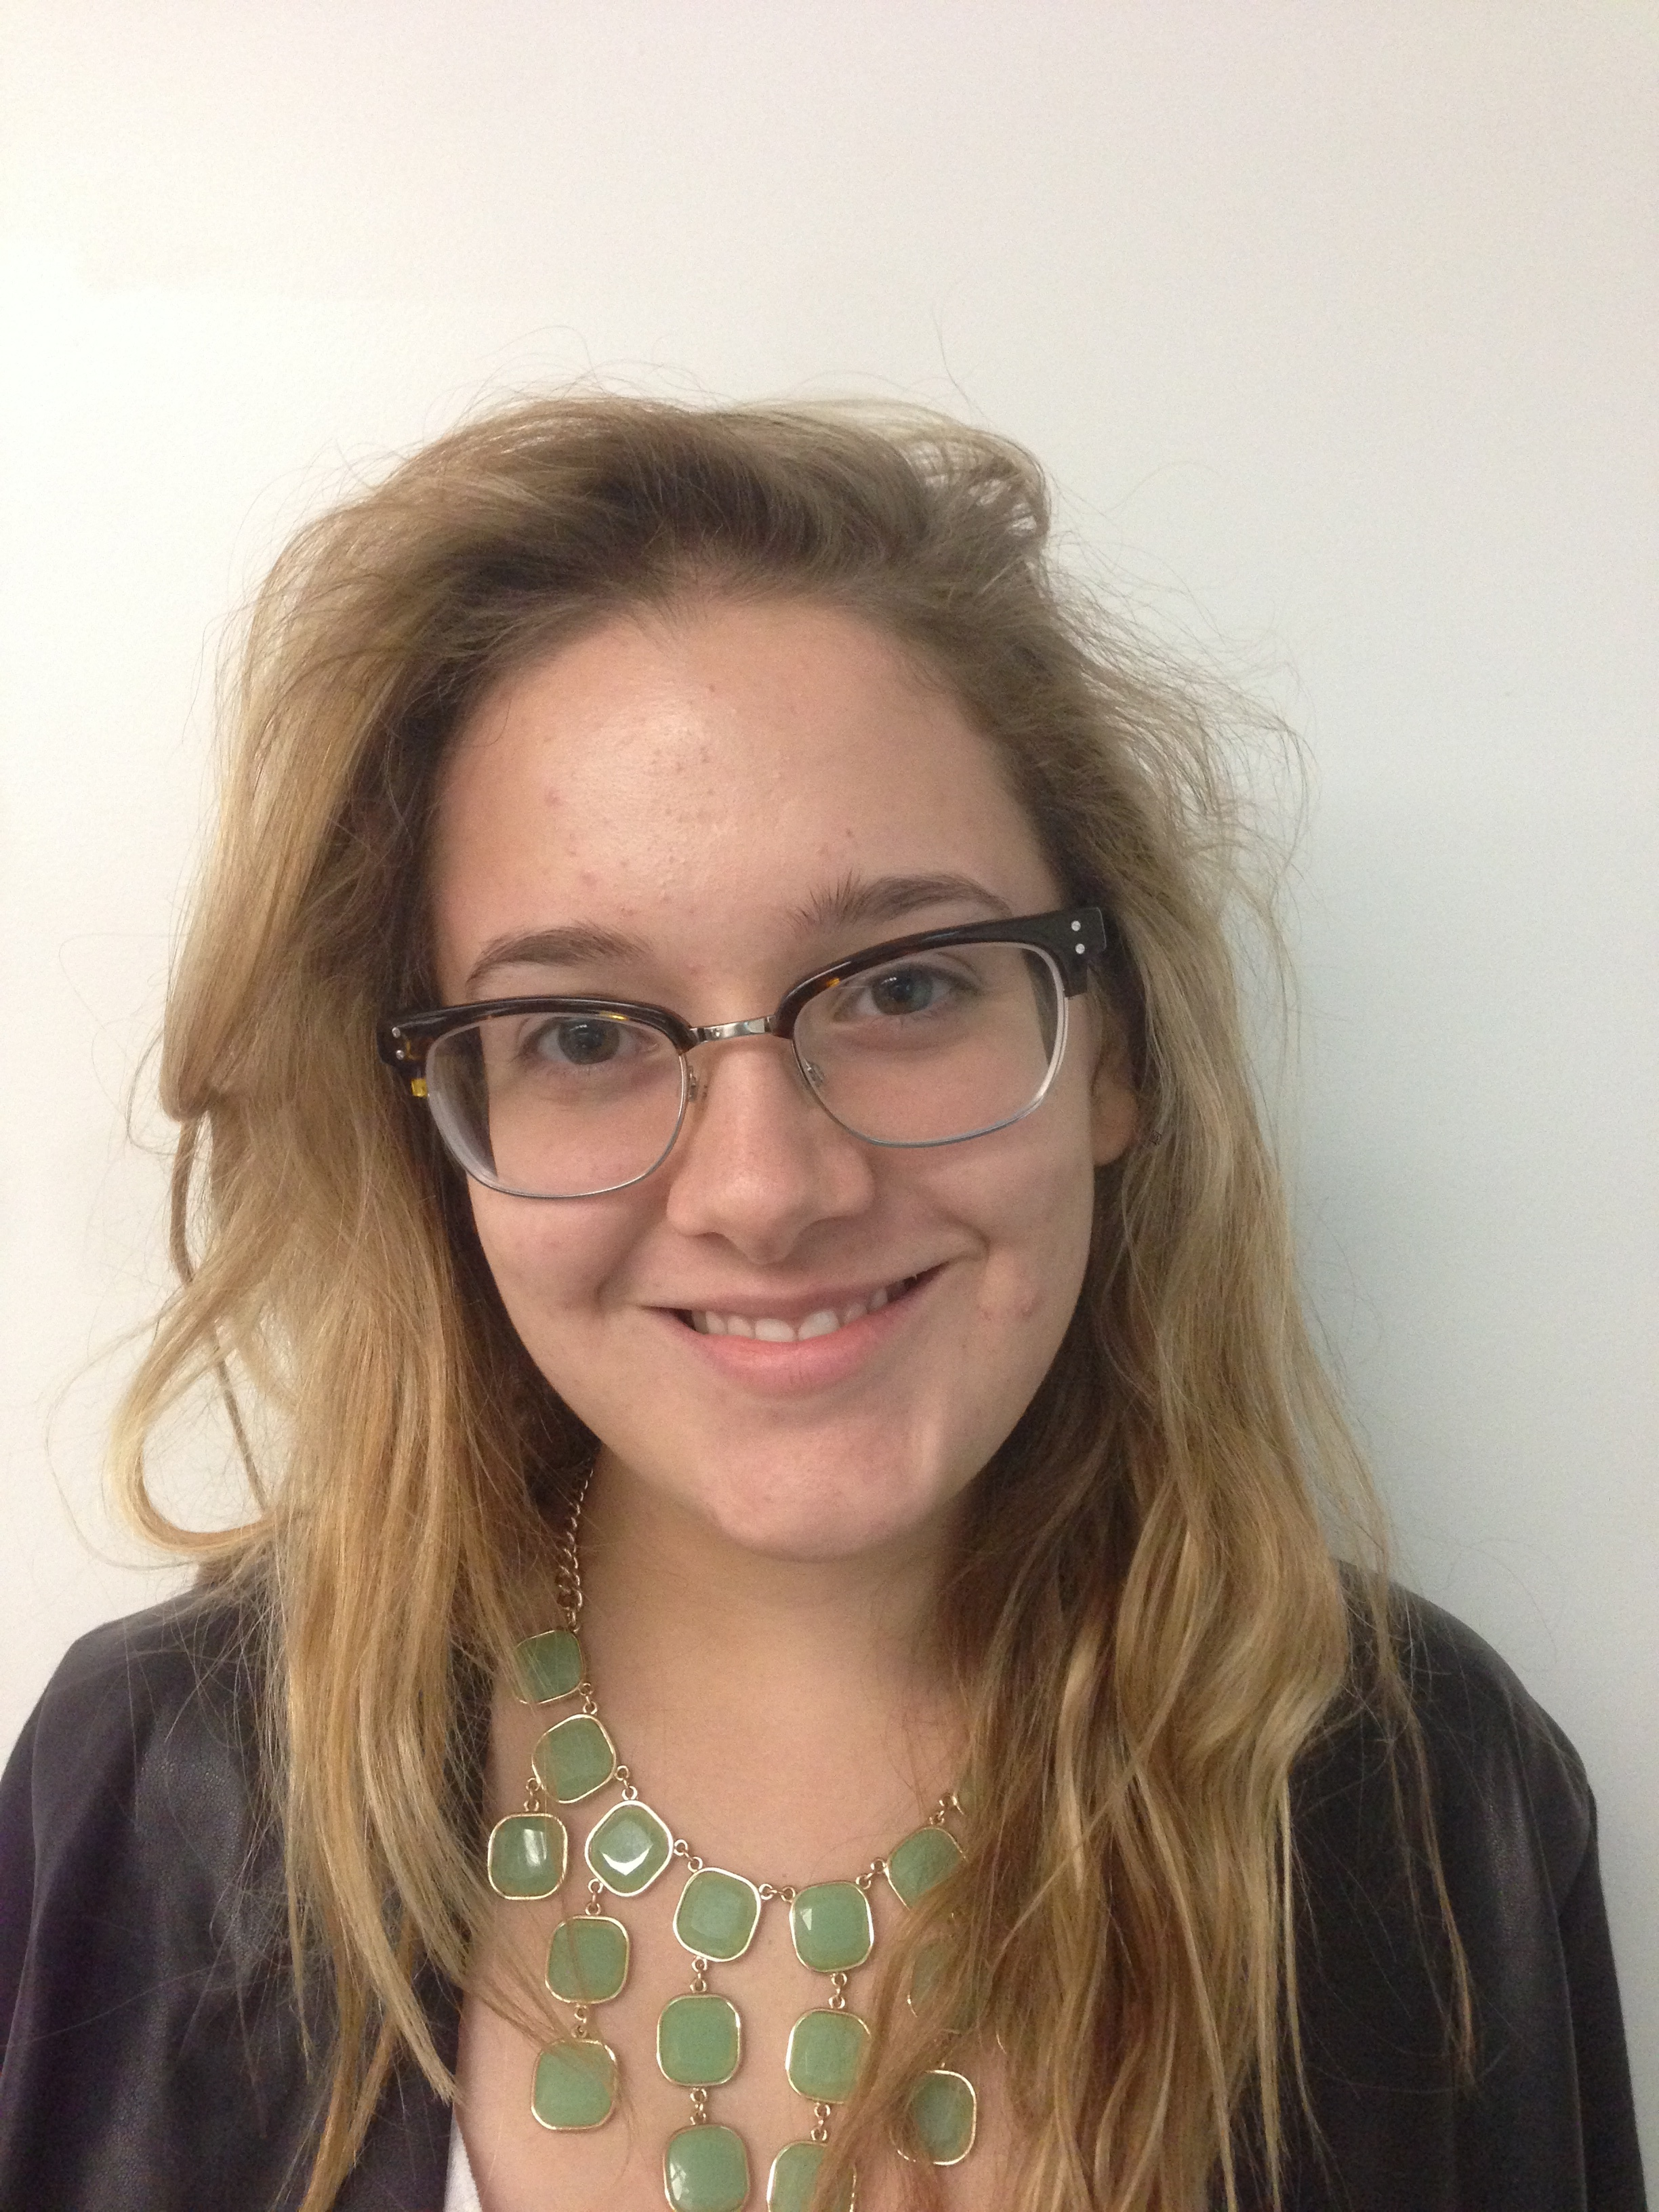 Maria Prada, Pepperdine student